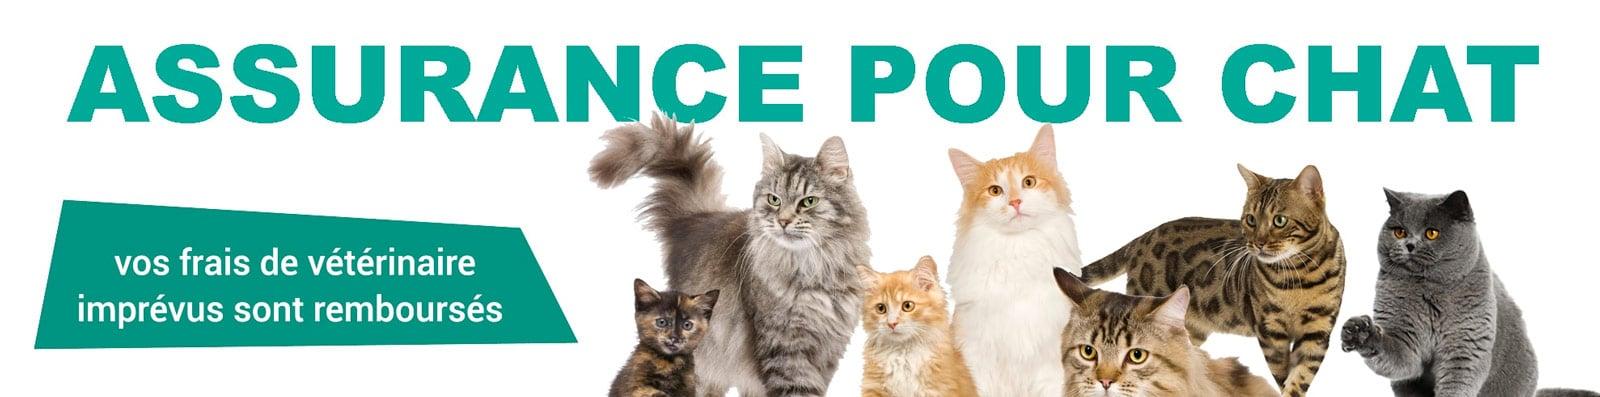 assurance-pour-chat